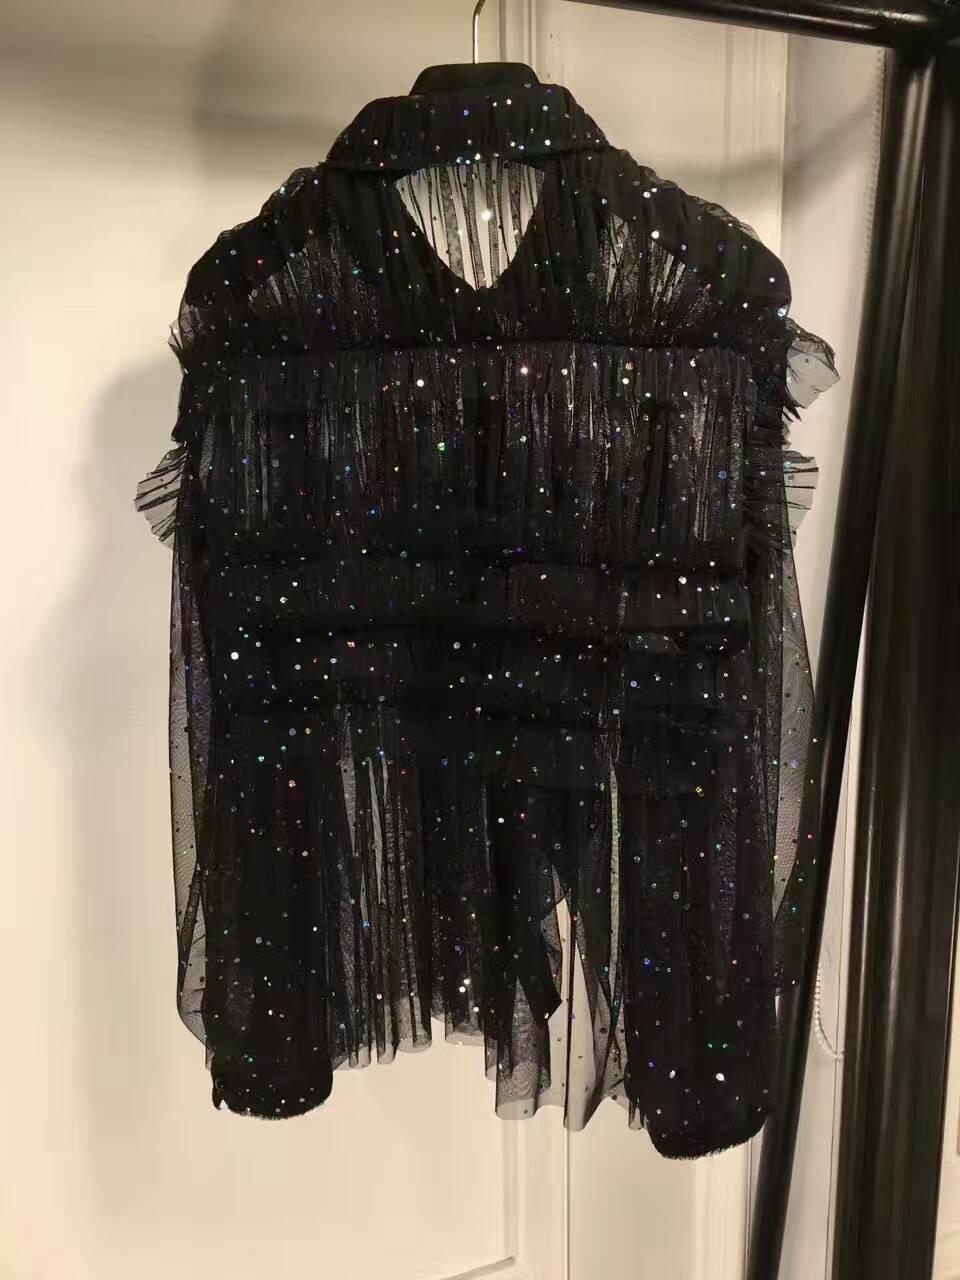 Dentelle Pour Haut Blusas Blouses Maille Chemise Mode Paillettes Avec En Élégantes Bling Incroyable Femmes Noire Tissu Blouse vwFFxqa5